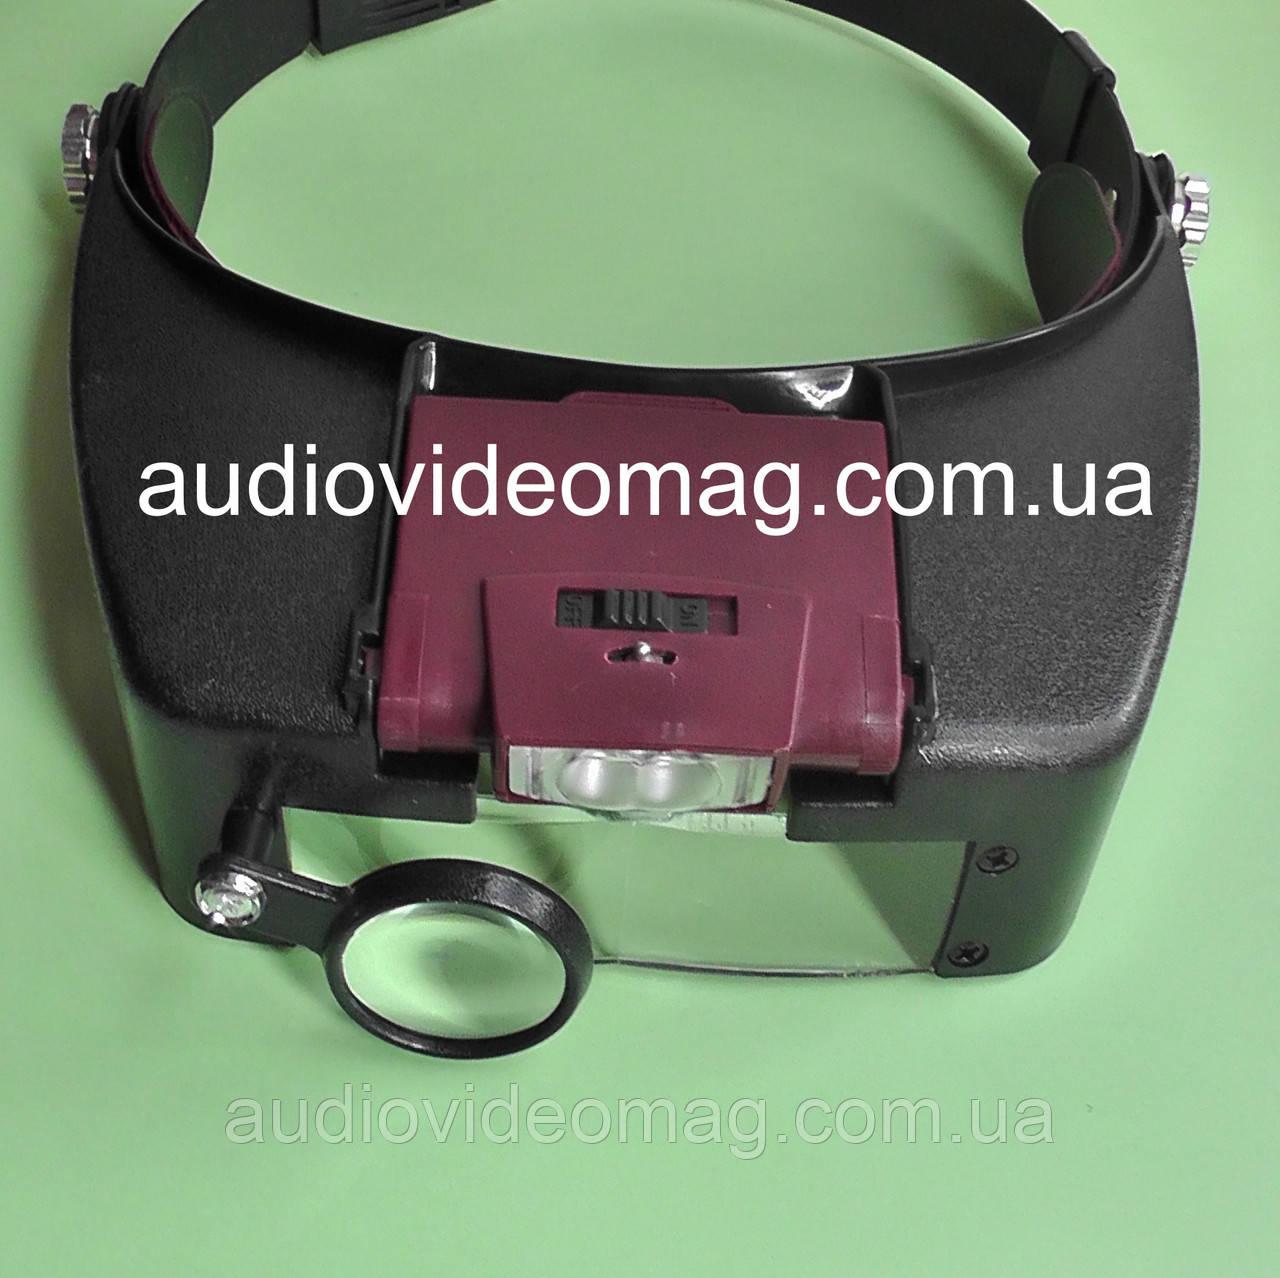 Бинокулярные очки (1.5х-3.0х-8.5х-10.0х кратное увеличение) с регулируемой подсветкой